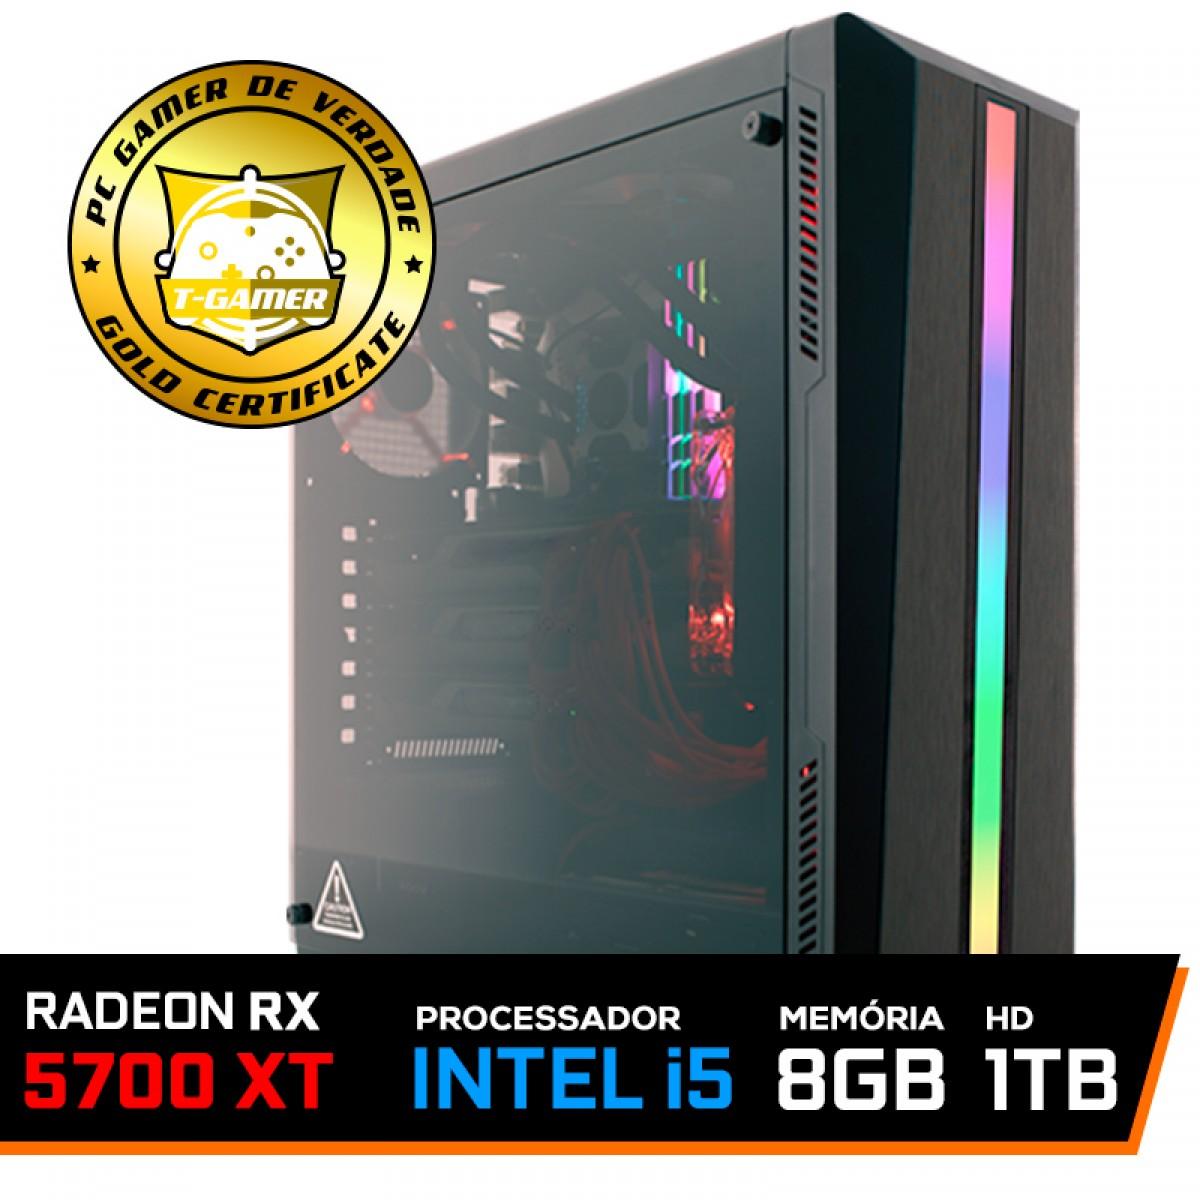 Pc Gamer T-Soldier Lvl-9 Intel Core i5 9400F / Radeon RX 5700 XT 8GB / DDR4 8GB / HD 1TB / 600W